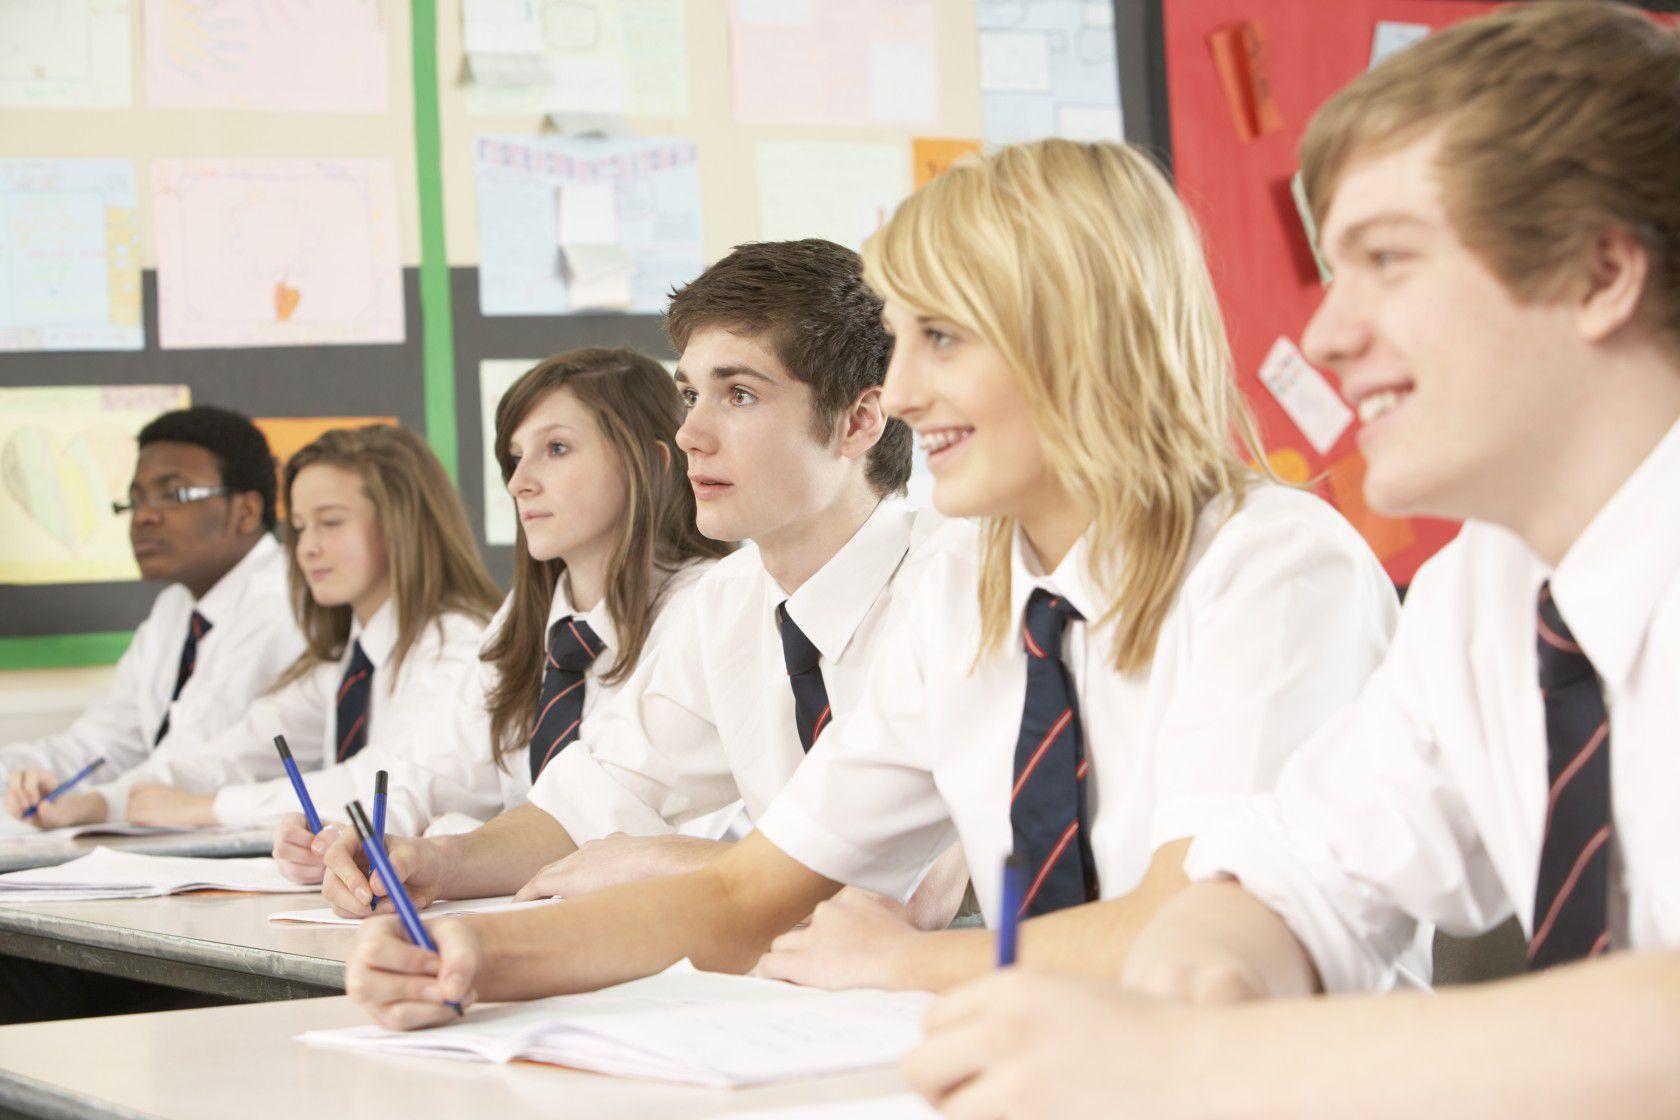 Kanada Lise Eğitimi ISEE Sınavı Başvurusu Koşulları Nelerdir?